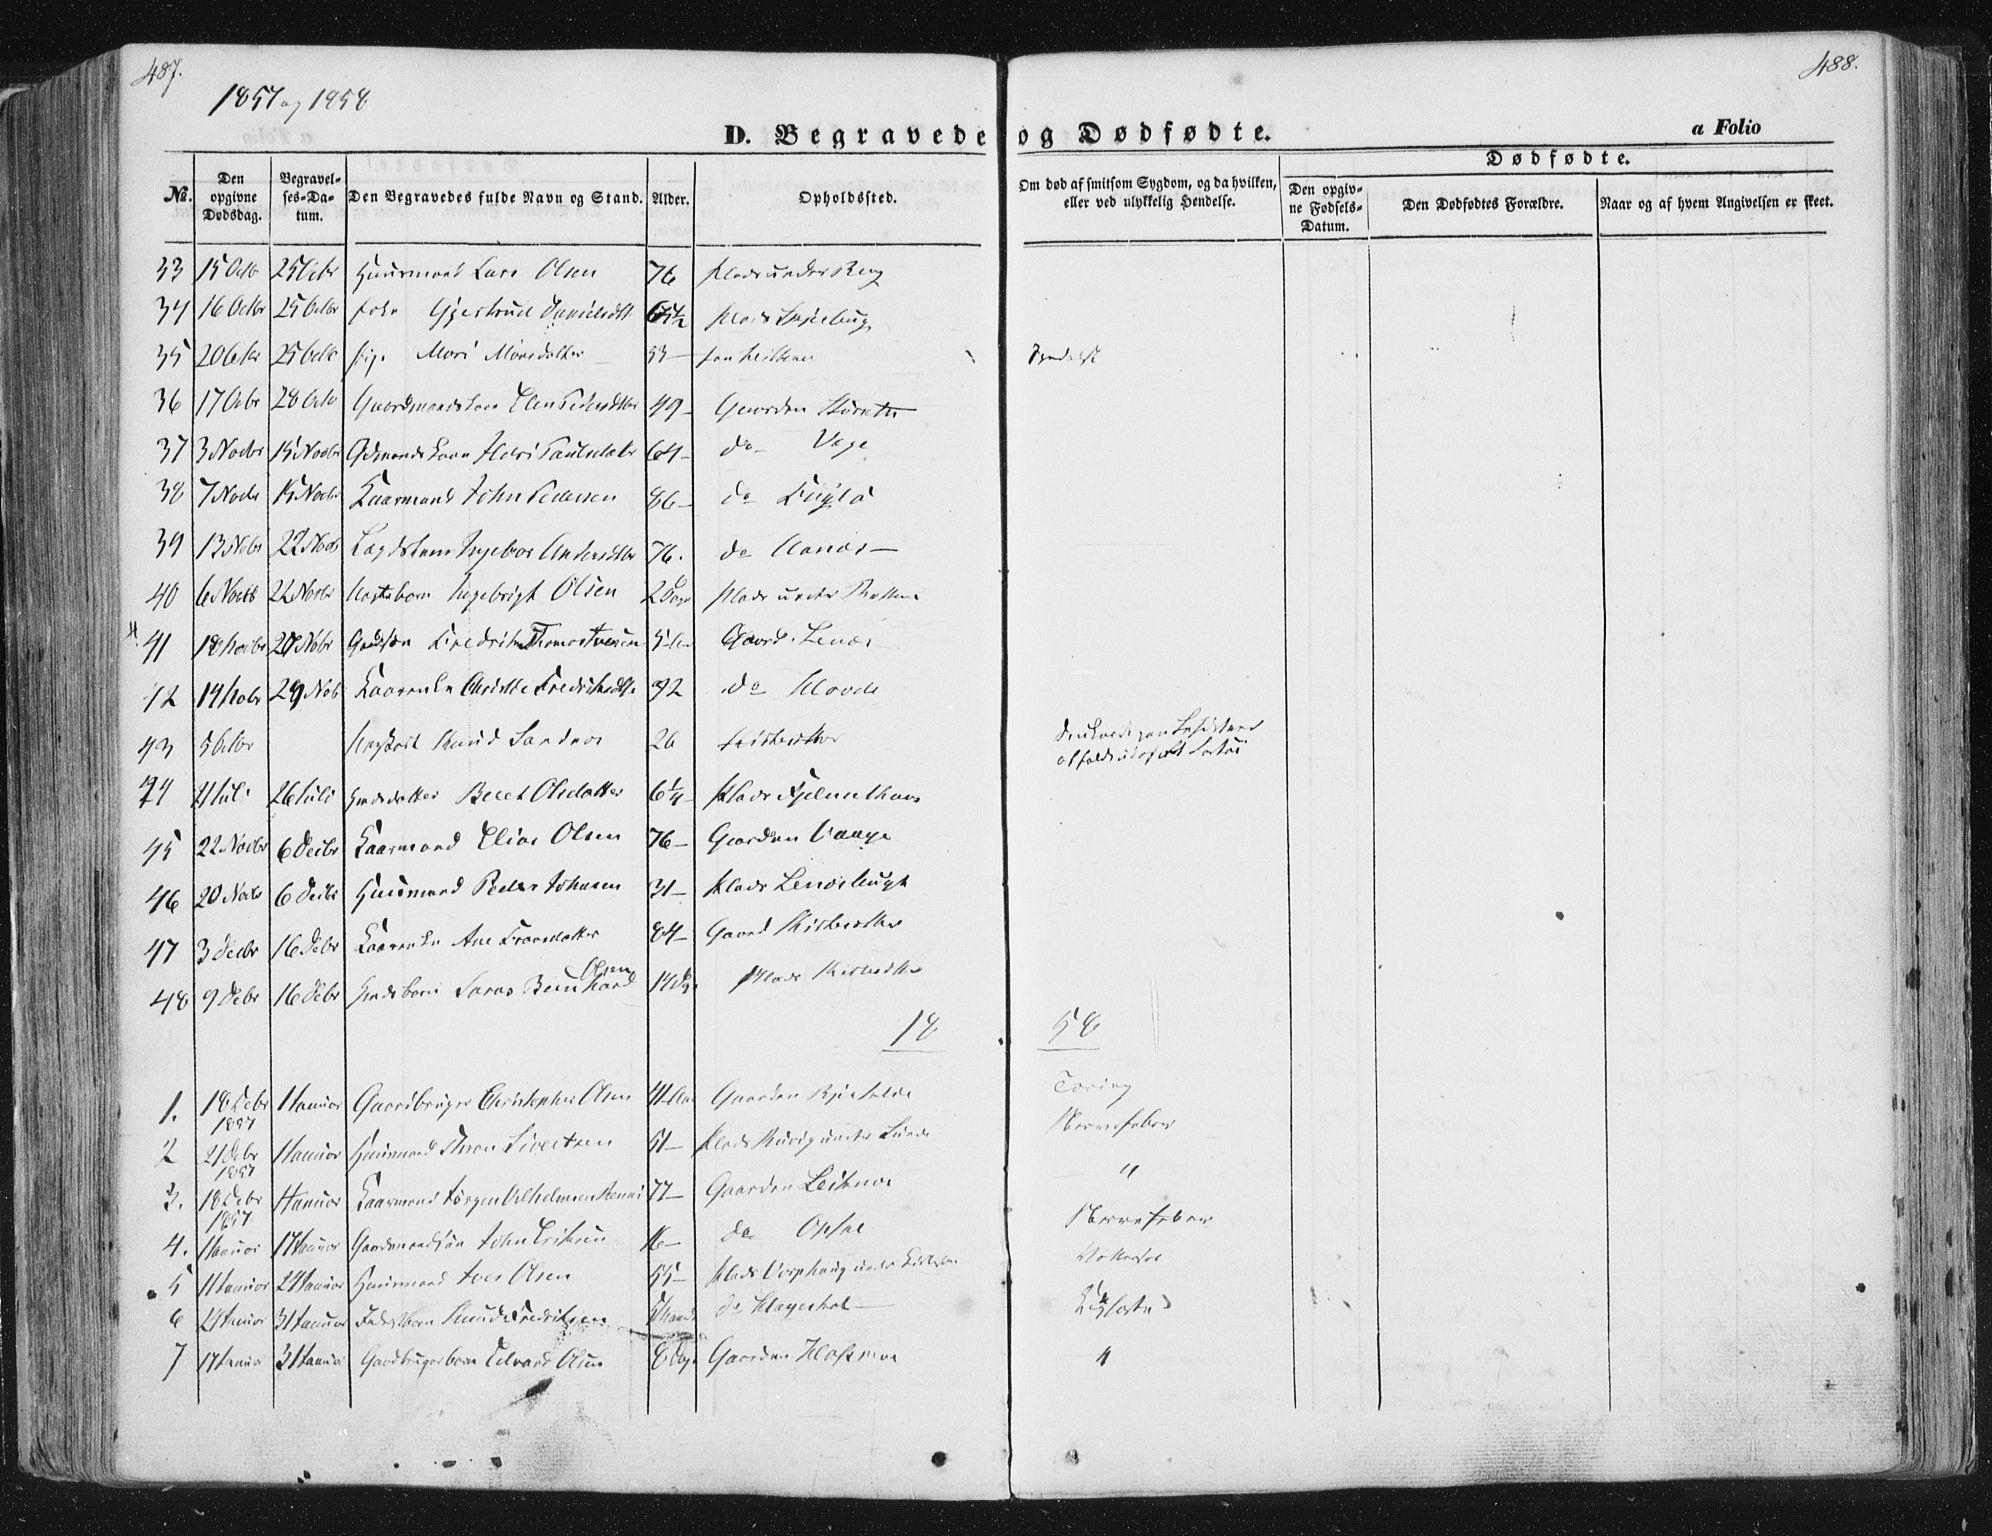 SAT, Ministerialprotokoller, klokkerbøker og fødselsregistre - Sør-Trøndelag, 630/L0494: Ministerialbok nr. 630A07, 1852-1868, s. 487-488